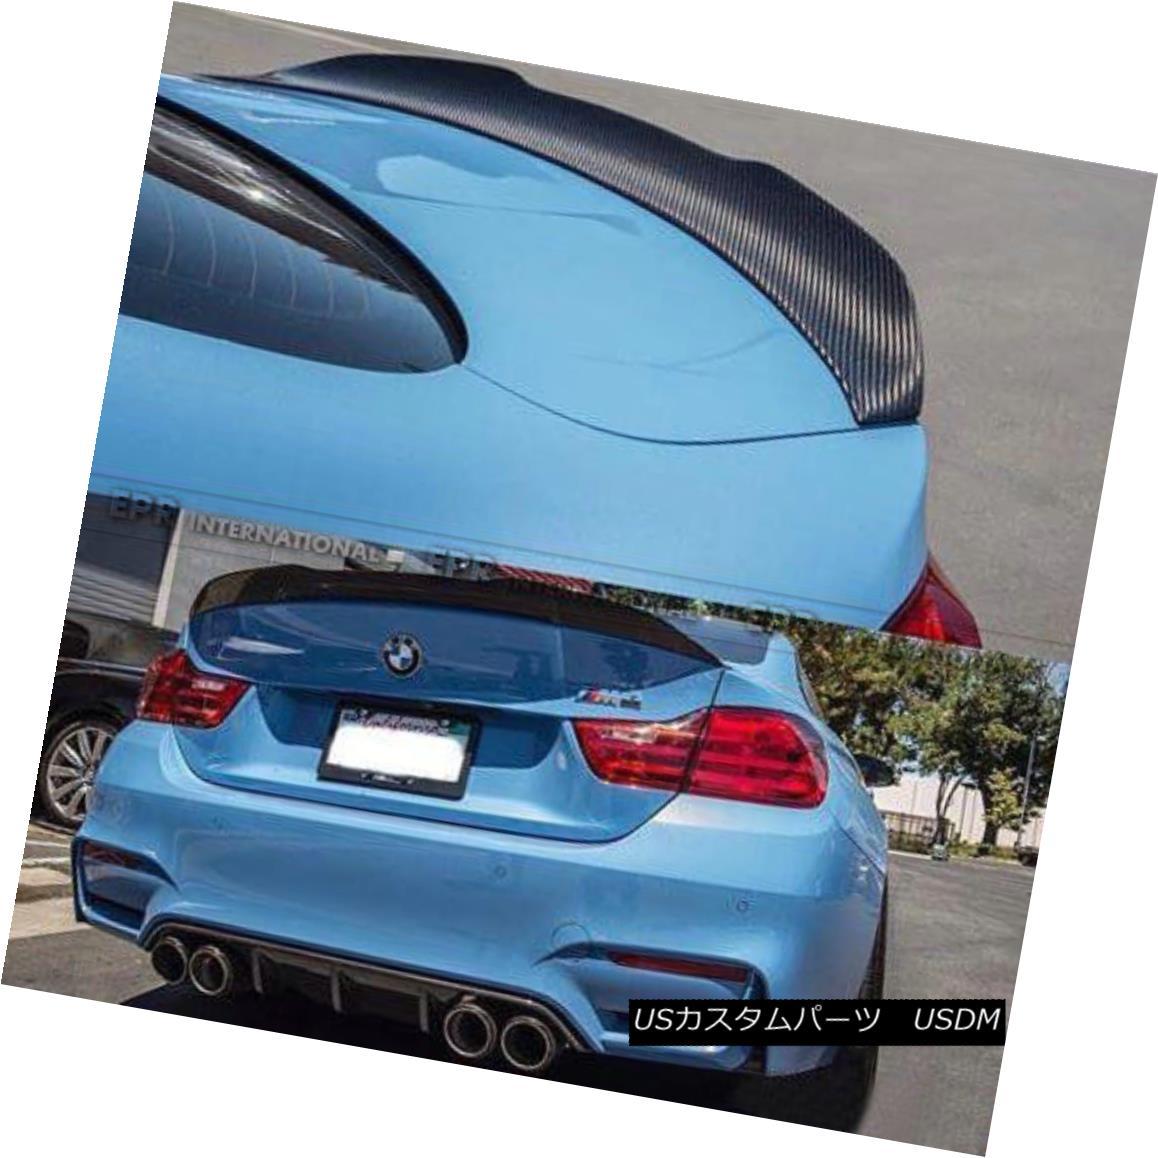 エアロパーツ Parts Rear Spoiler M4 Carbon BMW Wing Style PSMスタイルカーボンファイバーパーツリアトランクスポイラーウイングリップキット For F82 PSM Kits F82 Trunk Fiber BMW M4 Lip